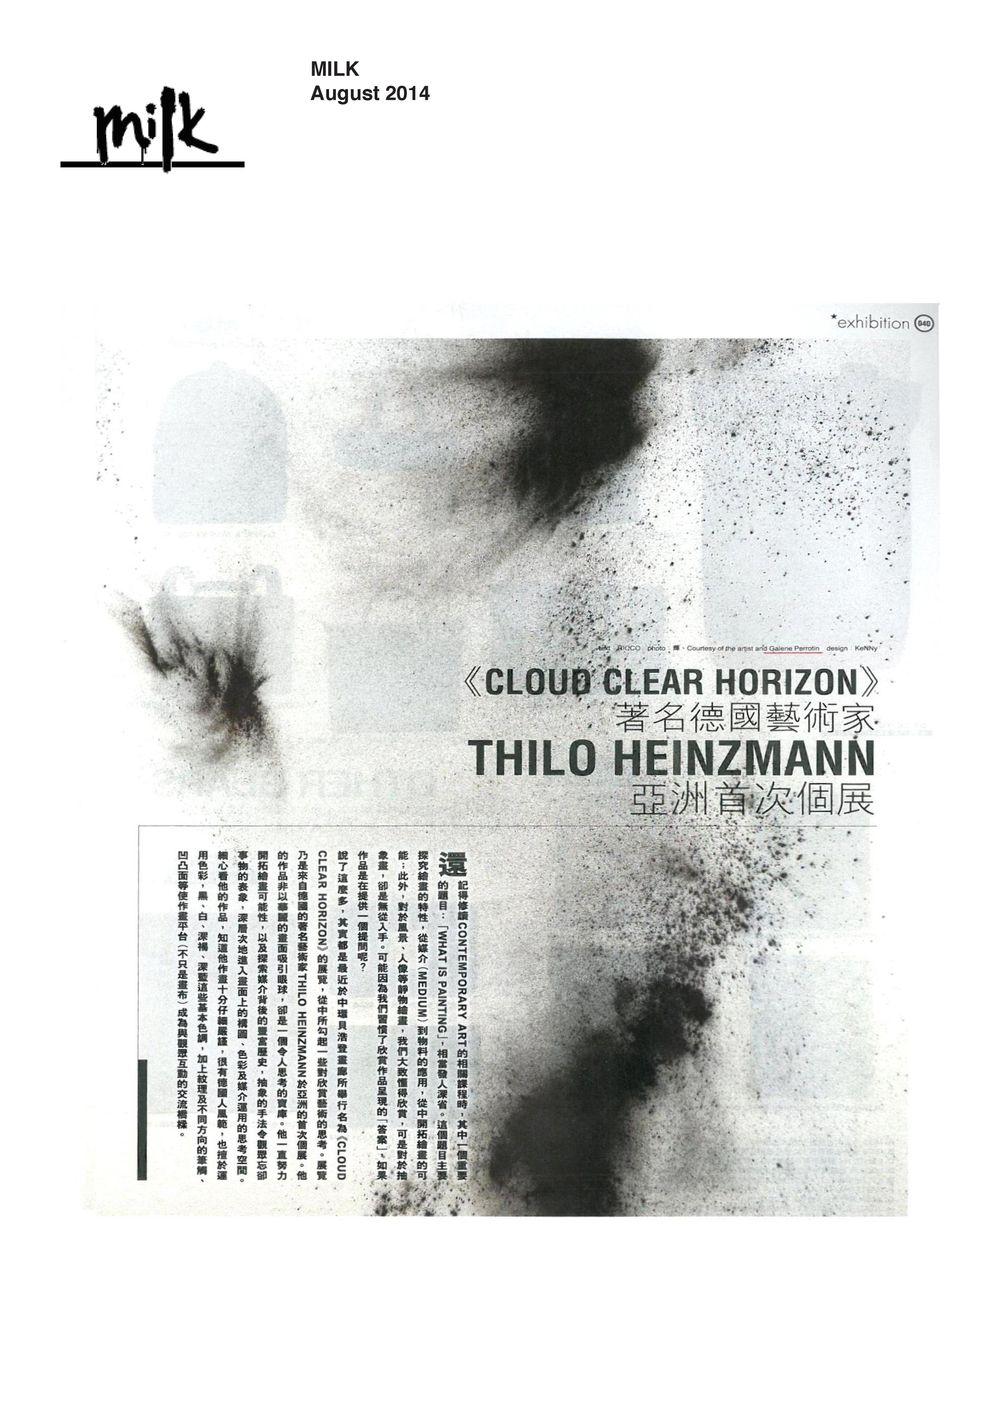 Milk | Thilo HEINZMANN